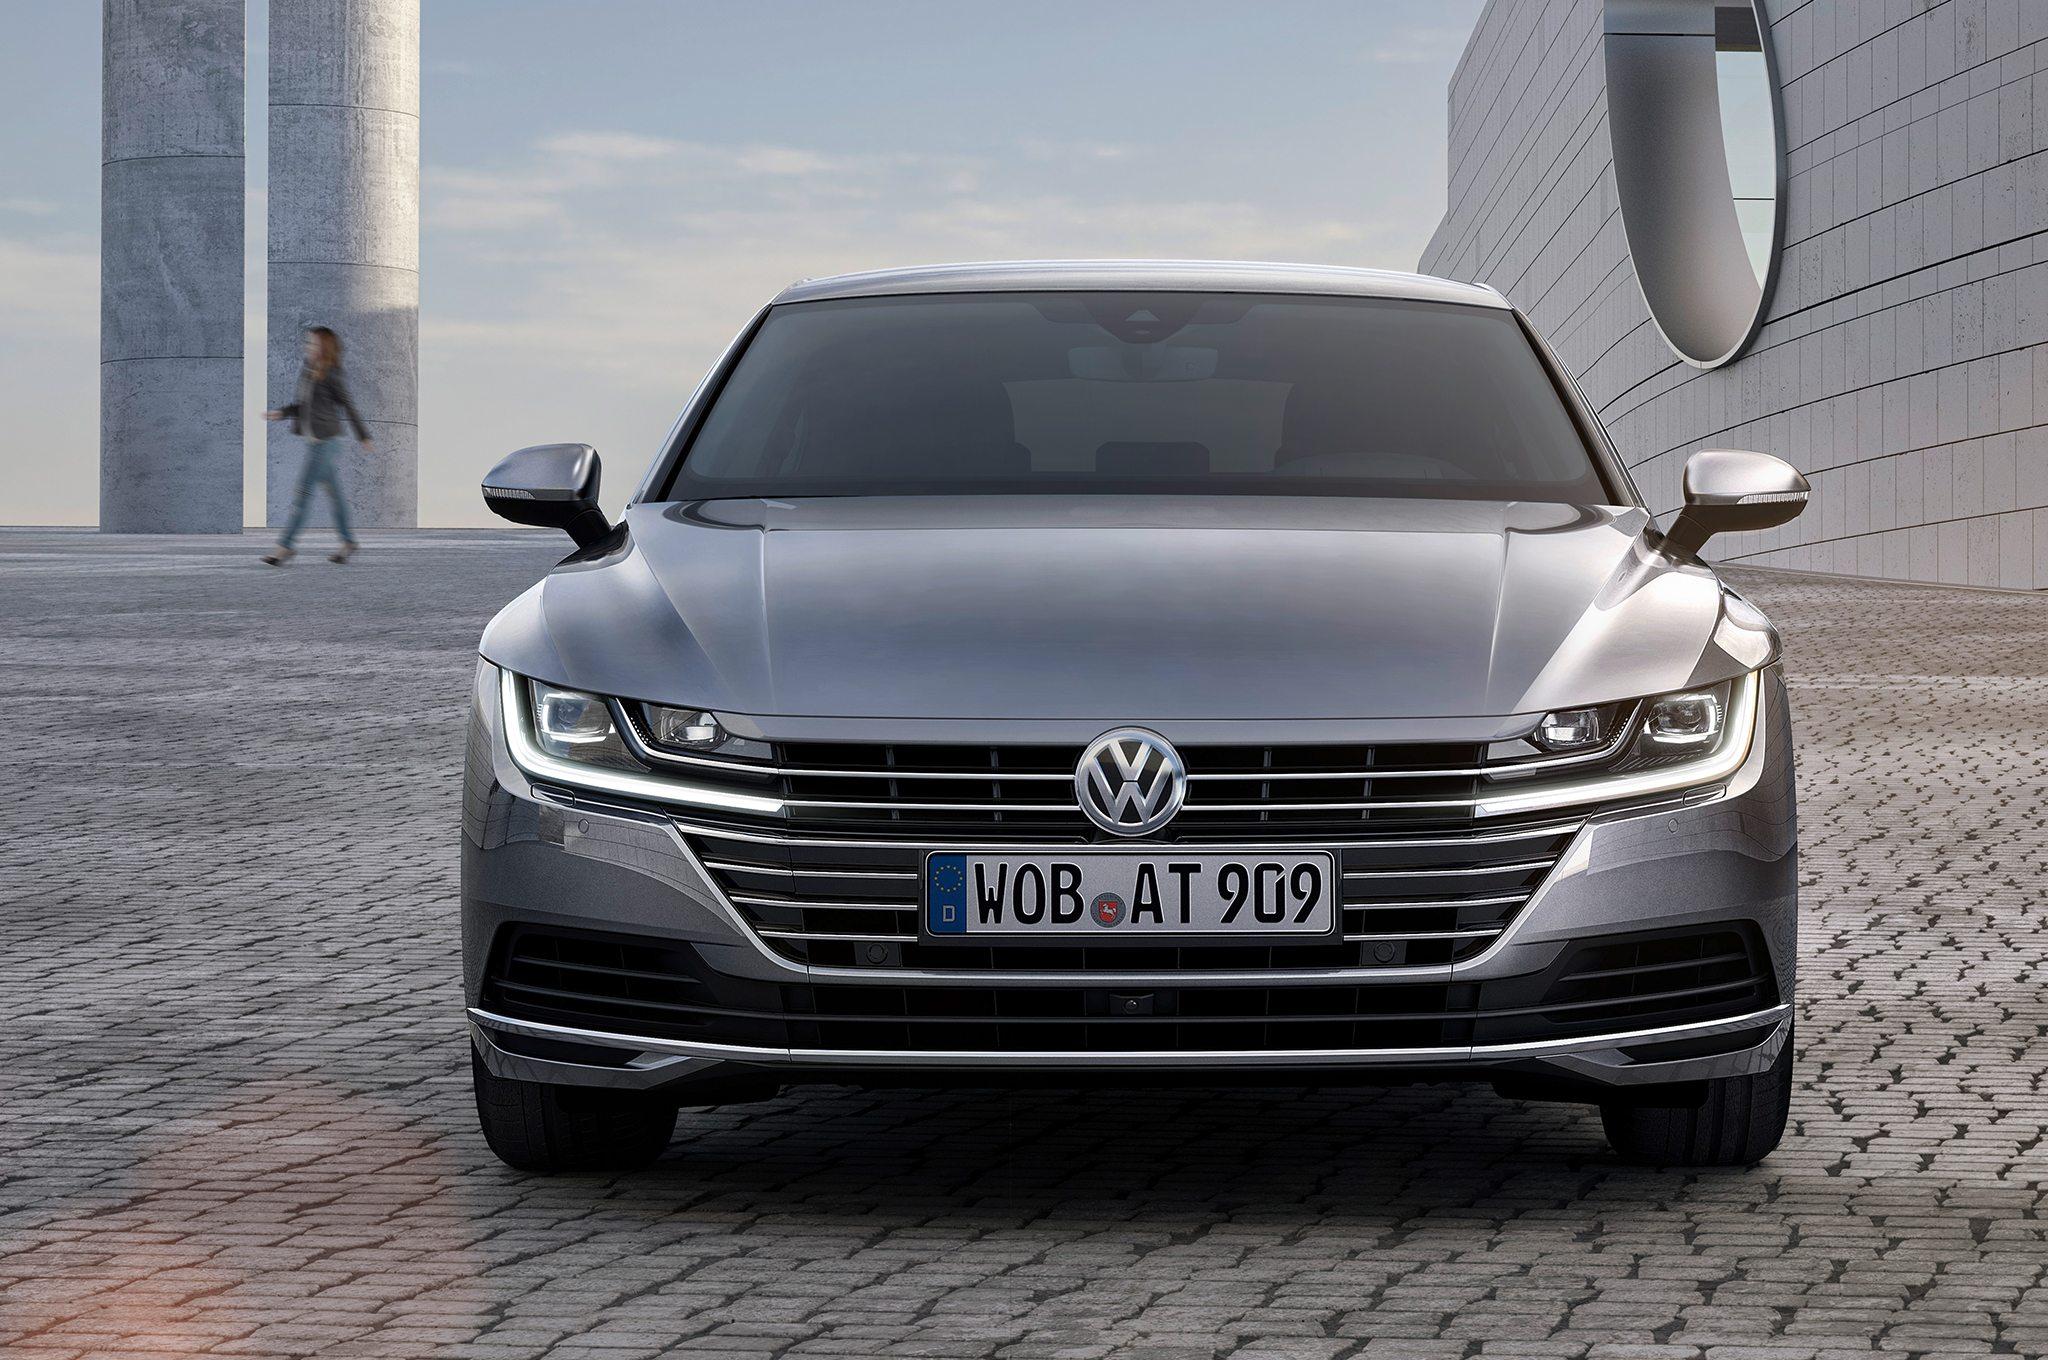 2018-Volkswagen-Arteon-Elegance-front-view-2